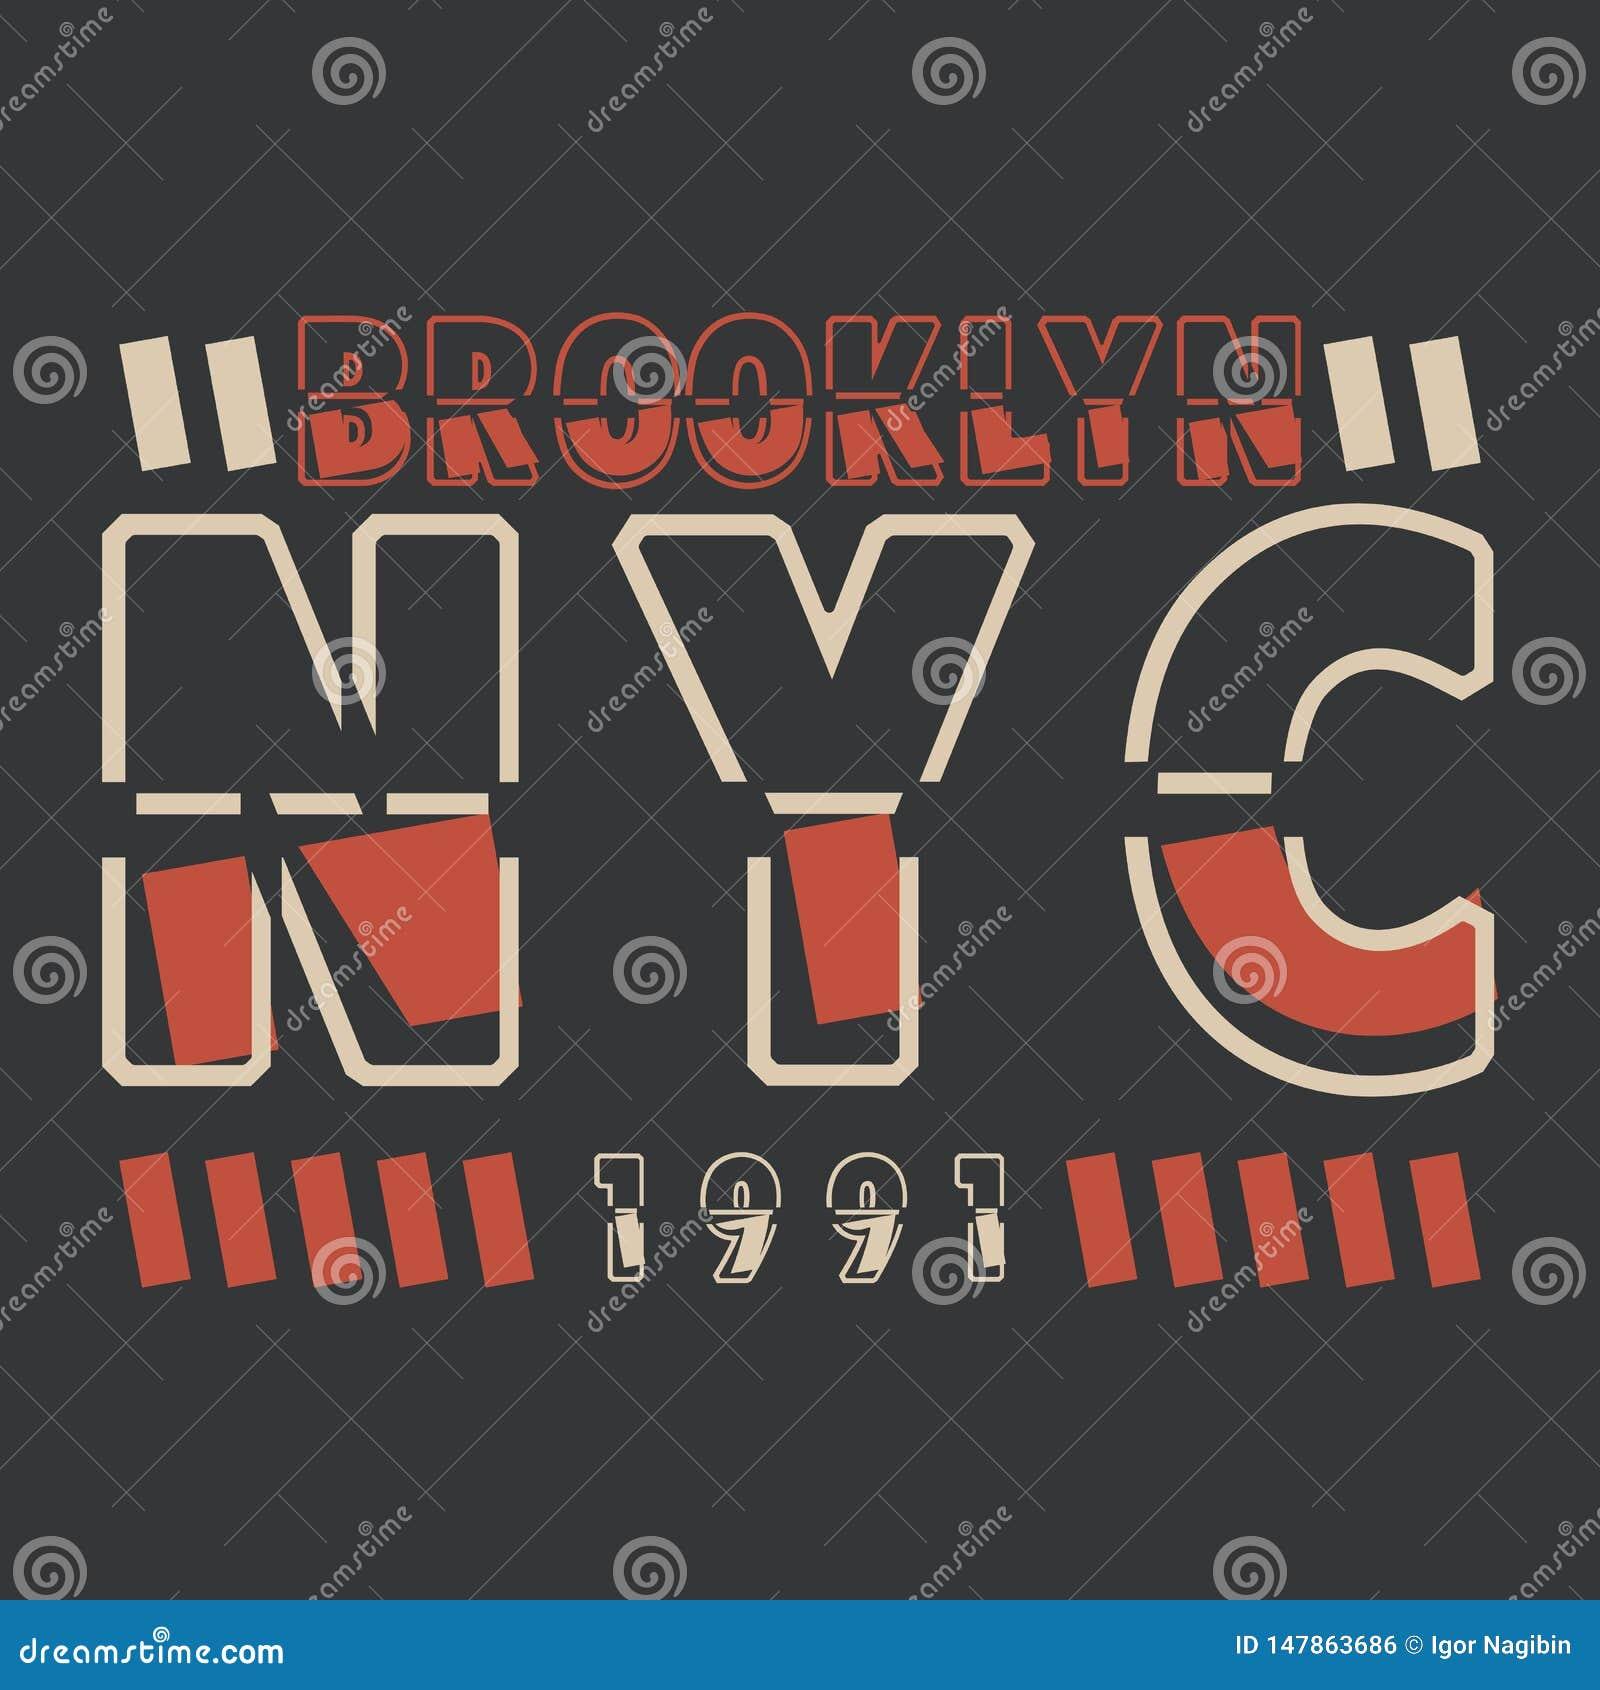 New York, Brooklyn Beschaffung f?r das Design eines T-Shirts, Fahne, Plakat und so weiter